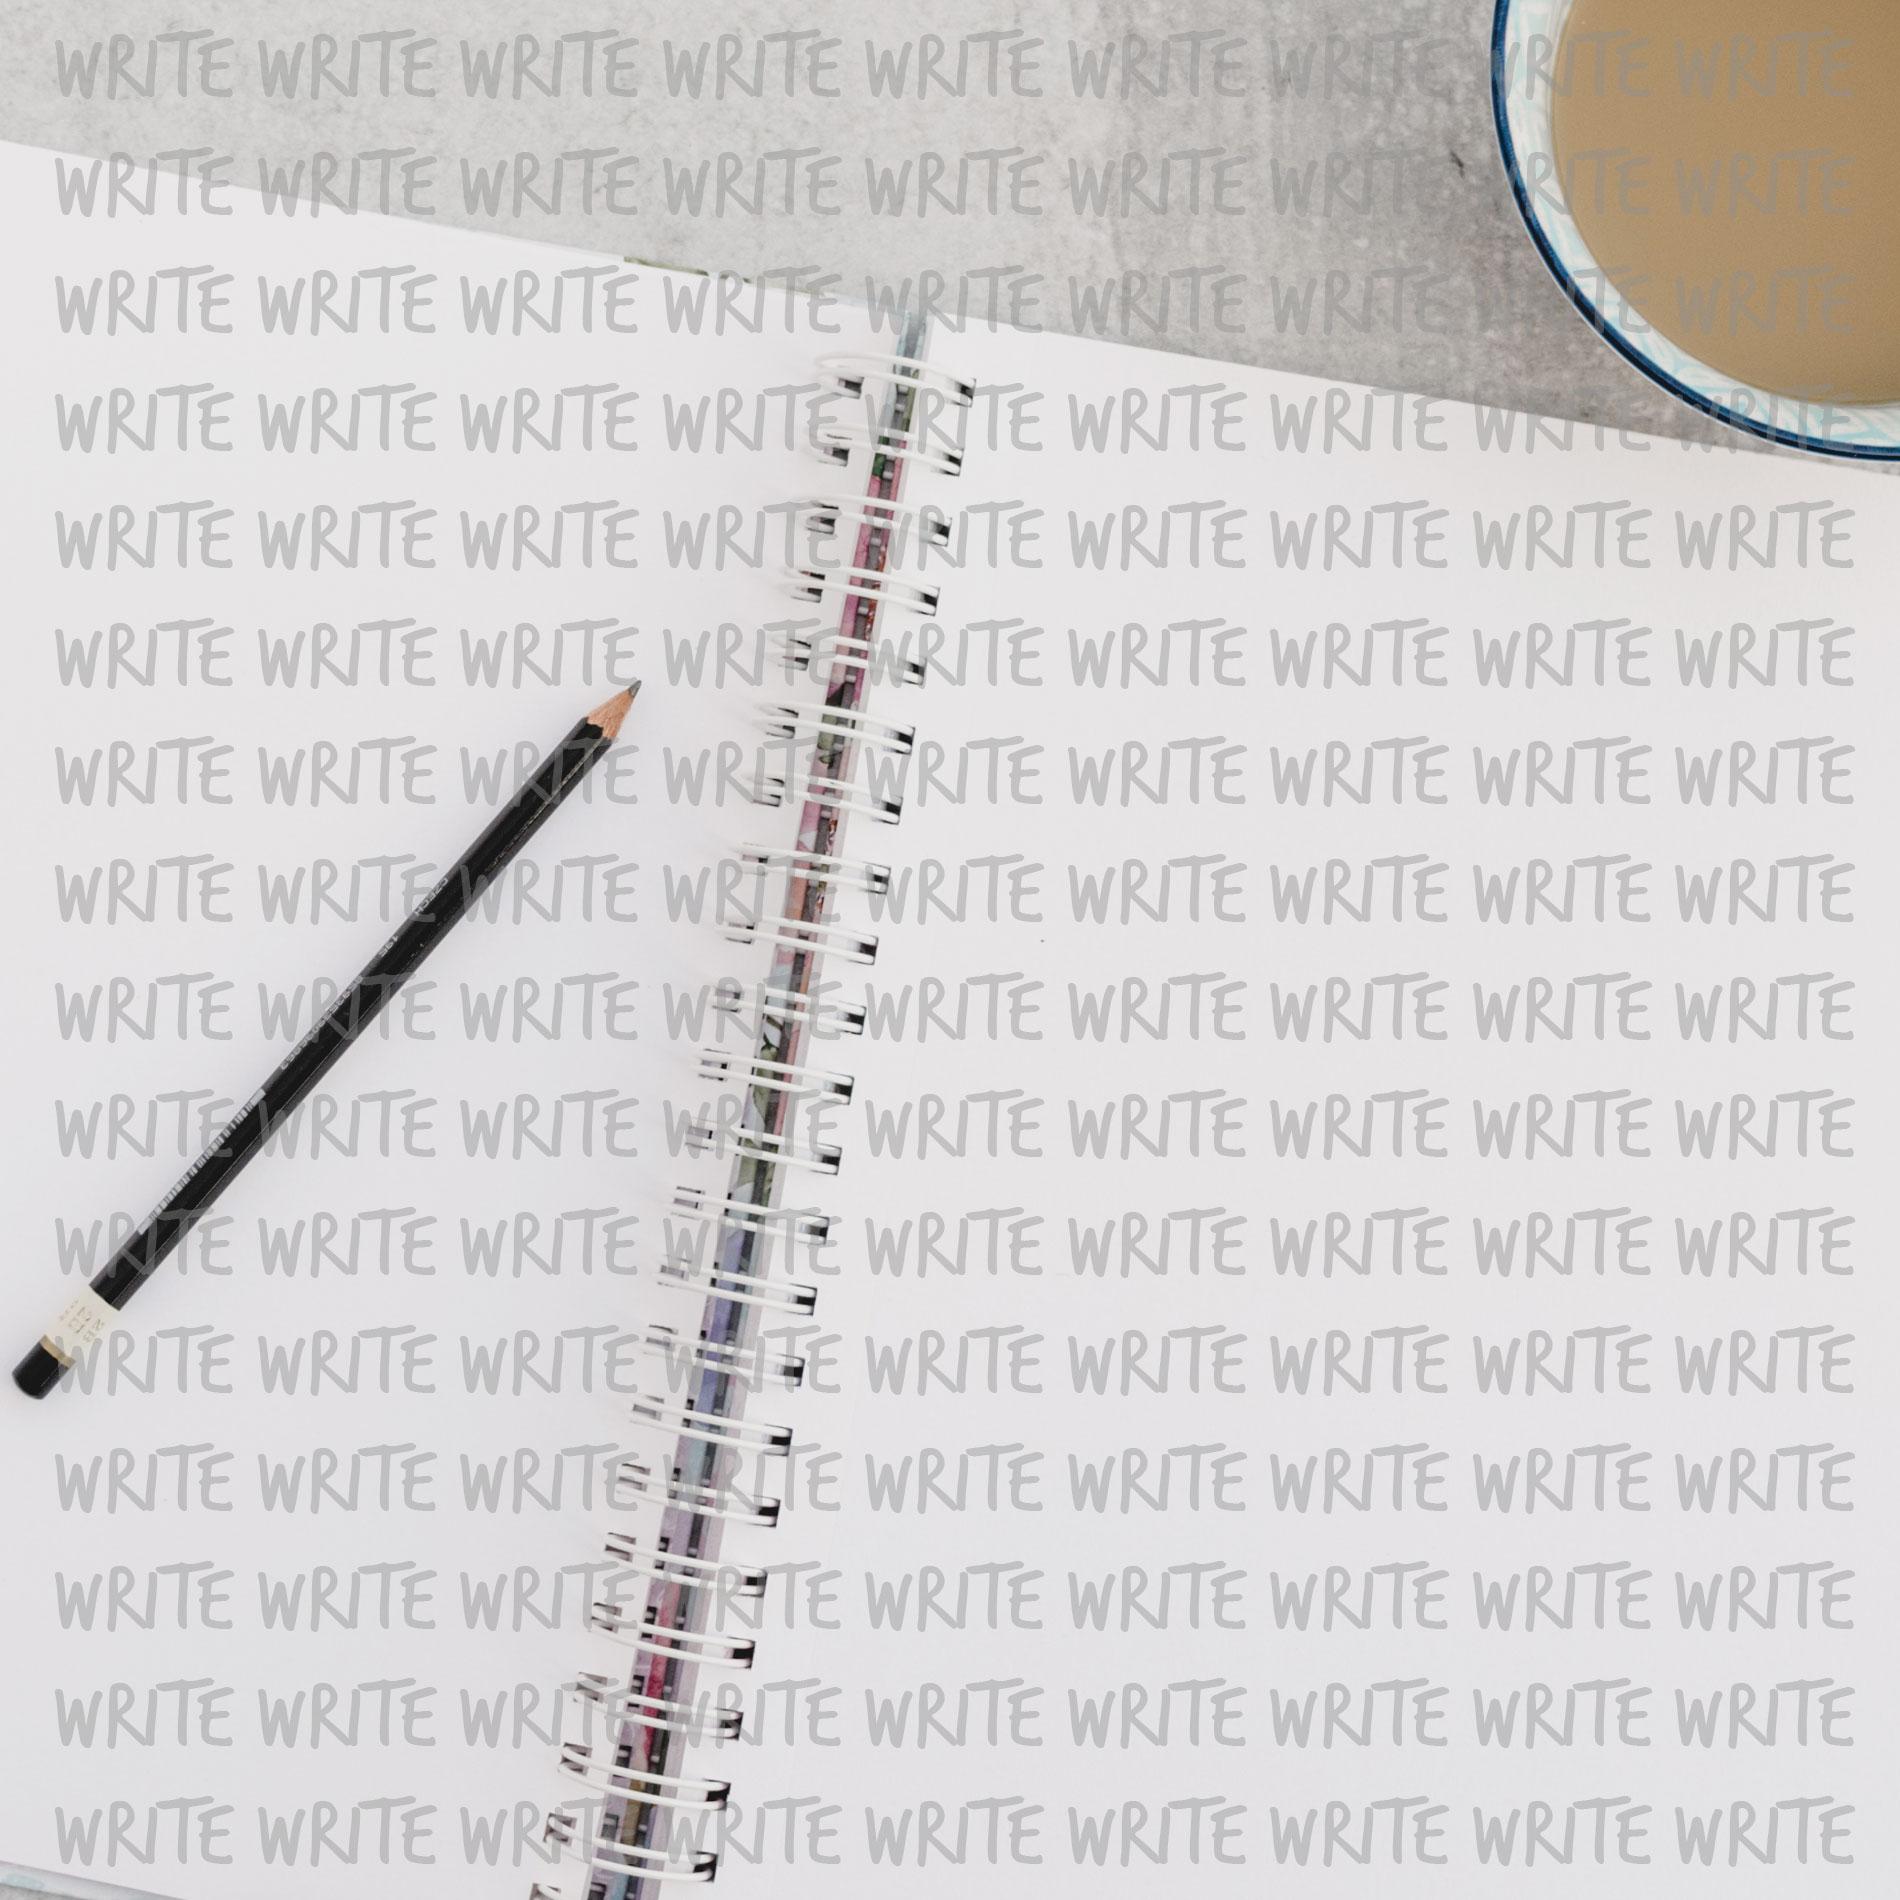 Tagebuch schreiben, Tagebuchschreiben, Kopf ordnen, Ordnung ins Chaos bringen, Metime, Self Care, Achtsamkeit, Tagebuch schreiben tut gut, Anleitung Tagebuch, Dabkarbeitstagebuch, Journaling